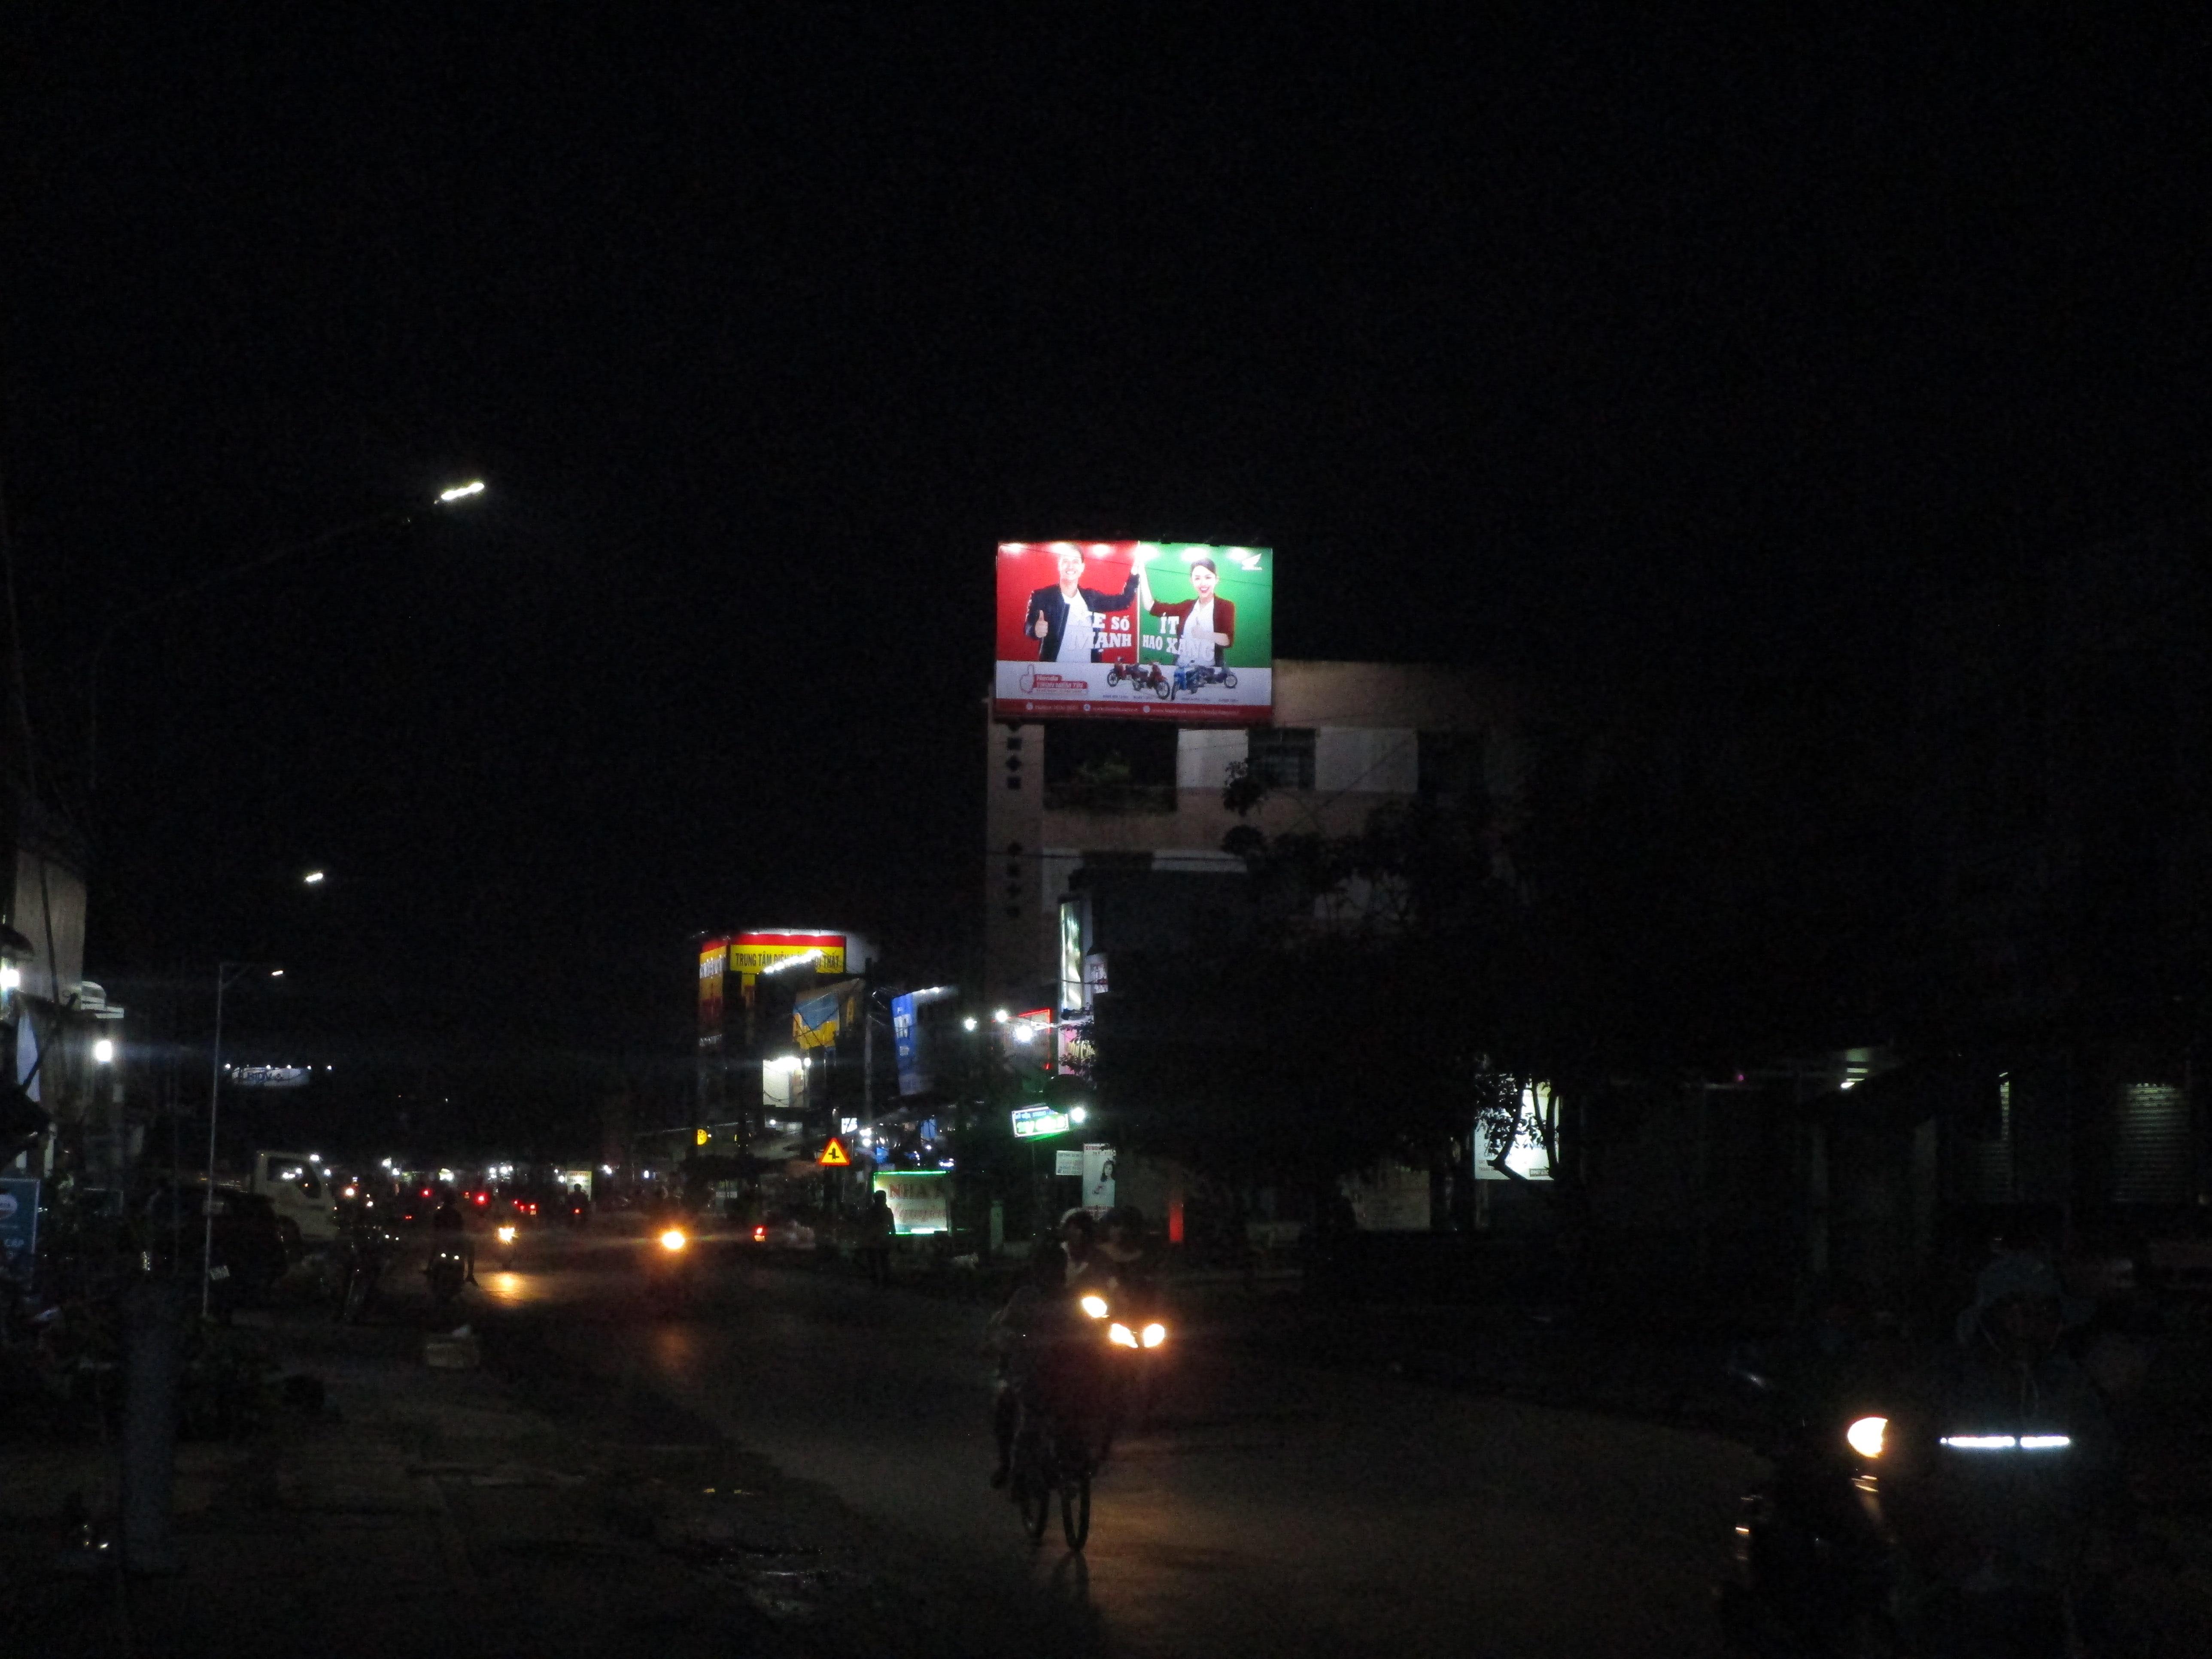 Thi công bảng quảng cáo tại Trà Vinh- Billboardquangcao.com